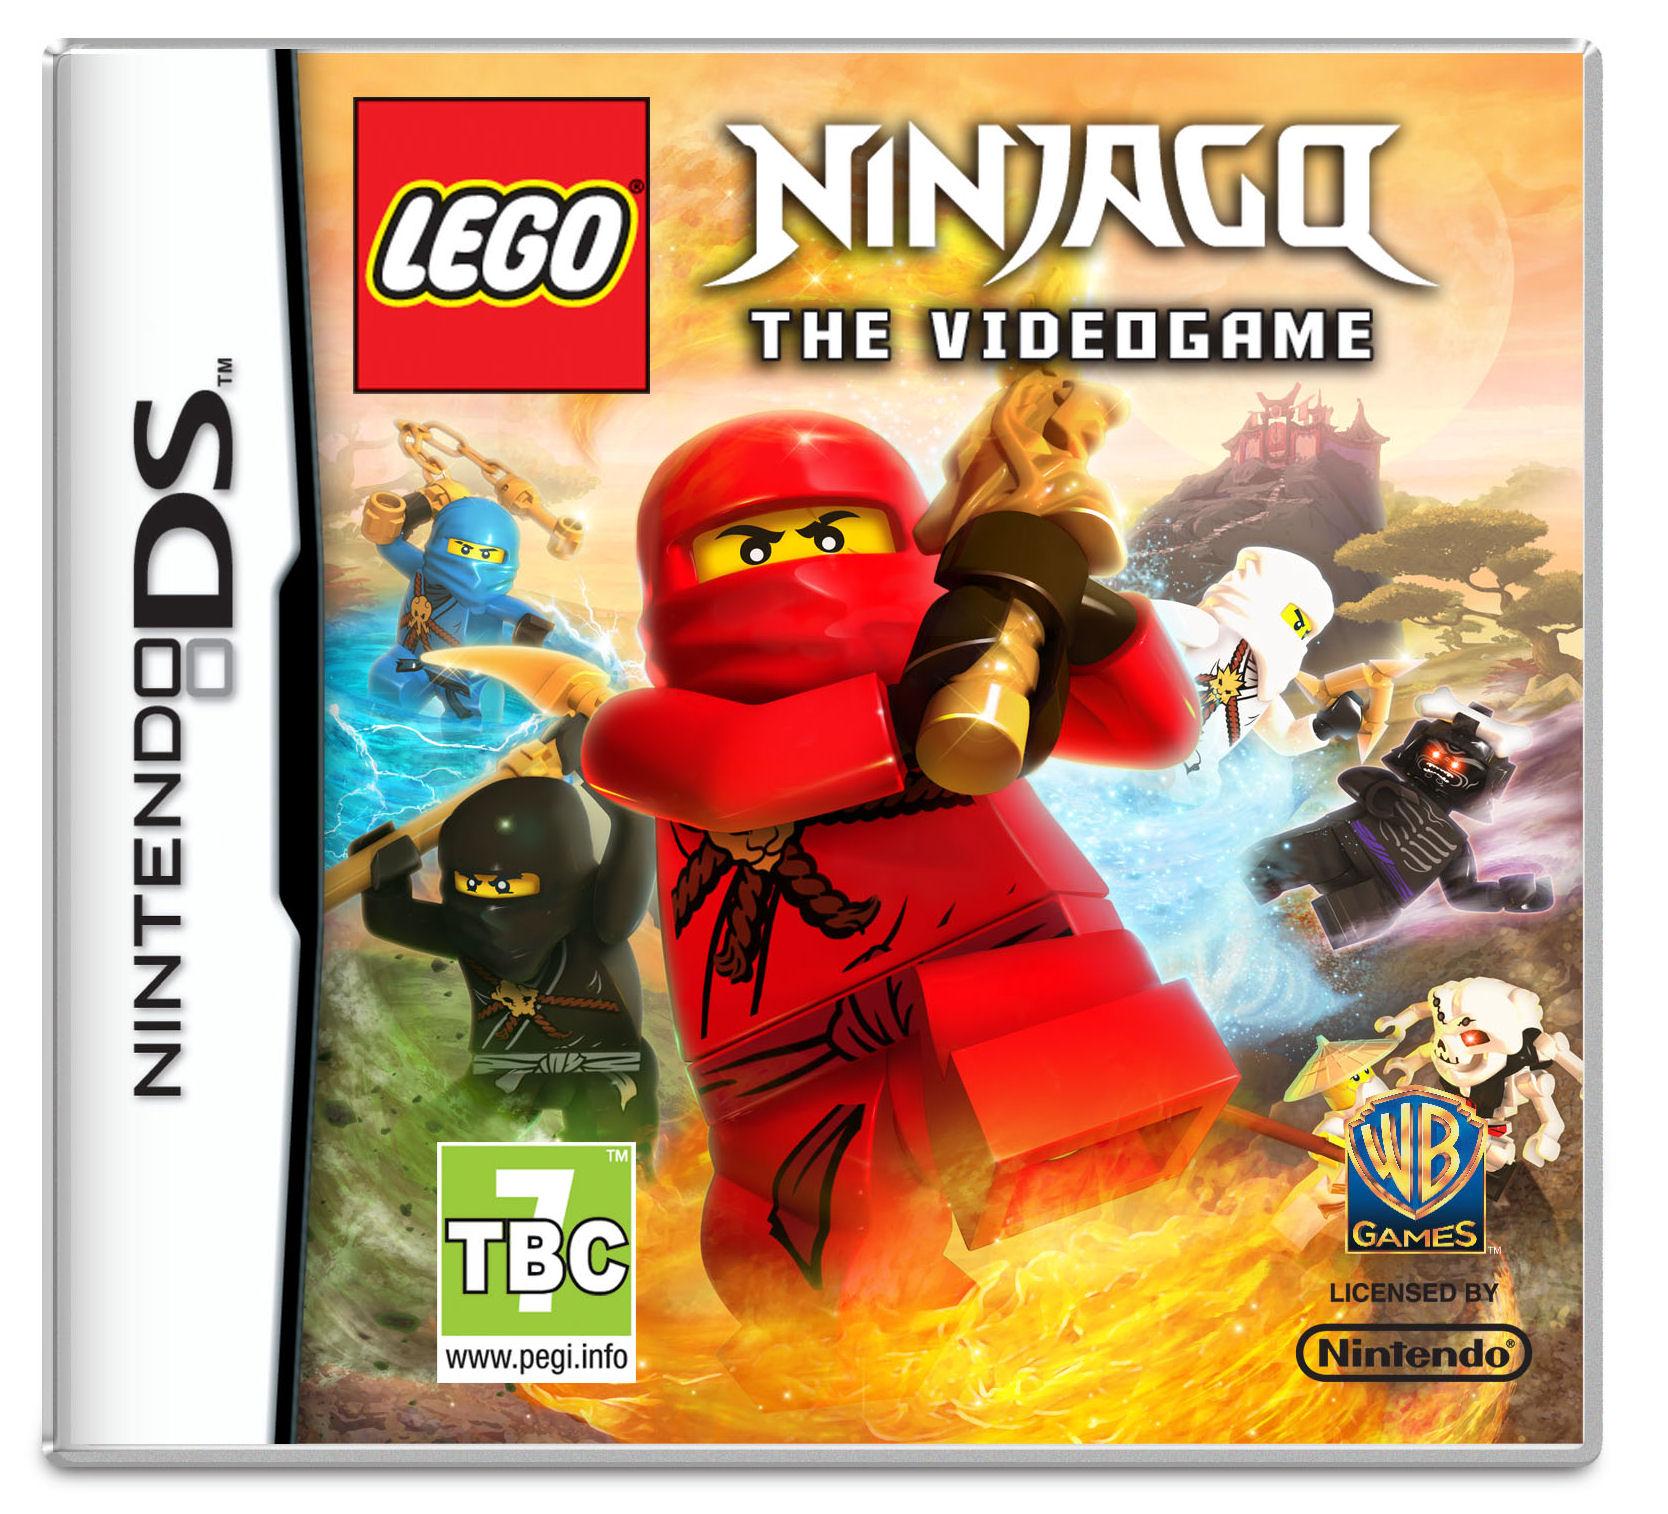 LEGO-Ninjago-videogame-boxart